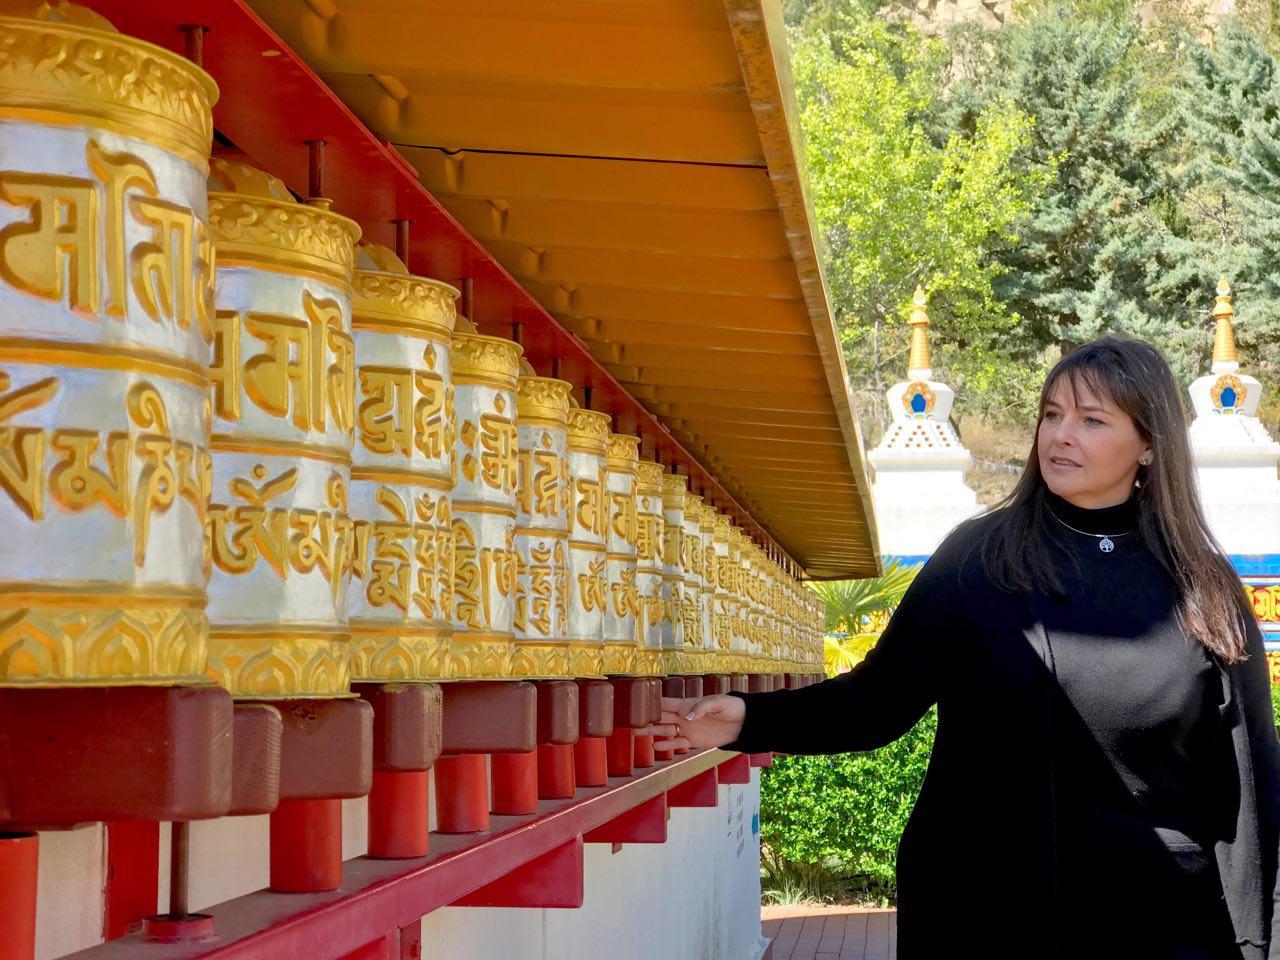 budista-panillo-introspeccion-escritura-terapeutica